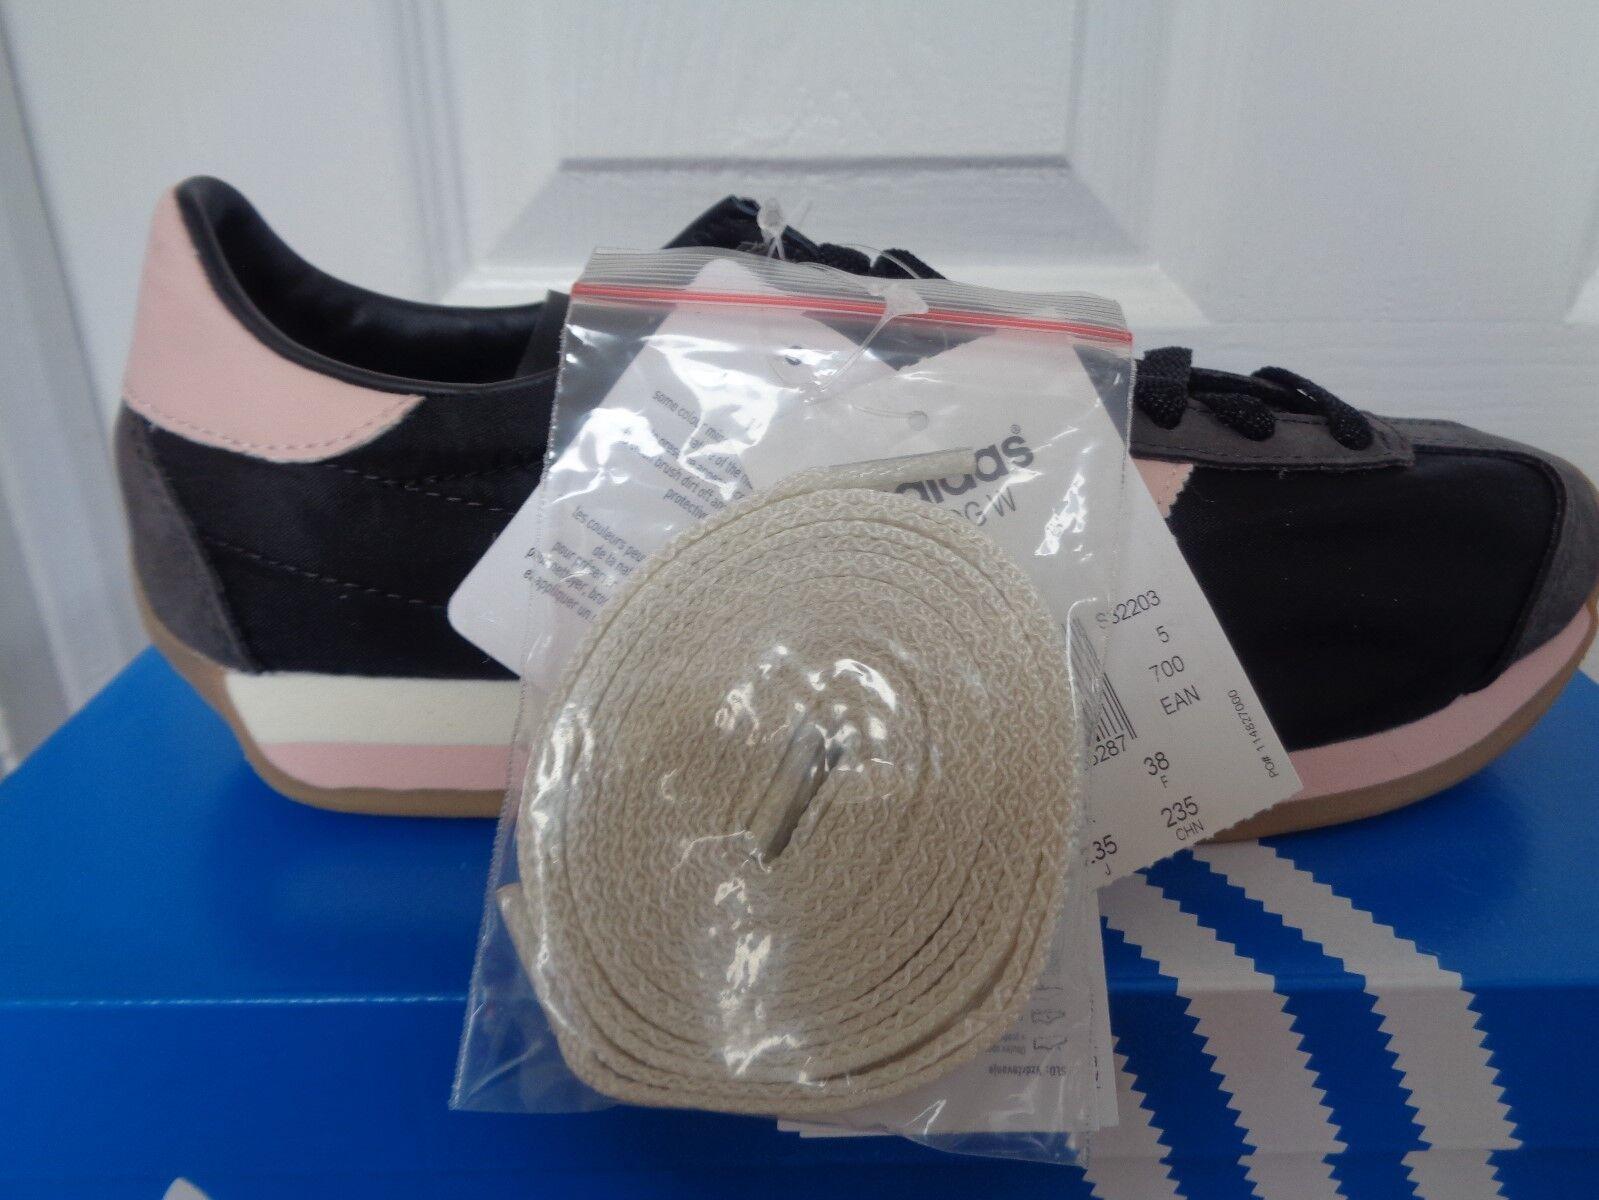 Adidas Country Og Donna Scarpe Da Ginnastica Da Donna Og Scarpe da ginnastica S32203 EU 37 1/3 US 6 Nuovo + Scatola 7532ad